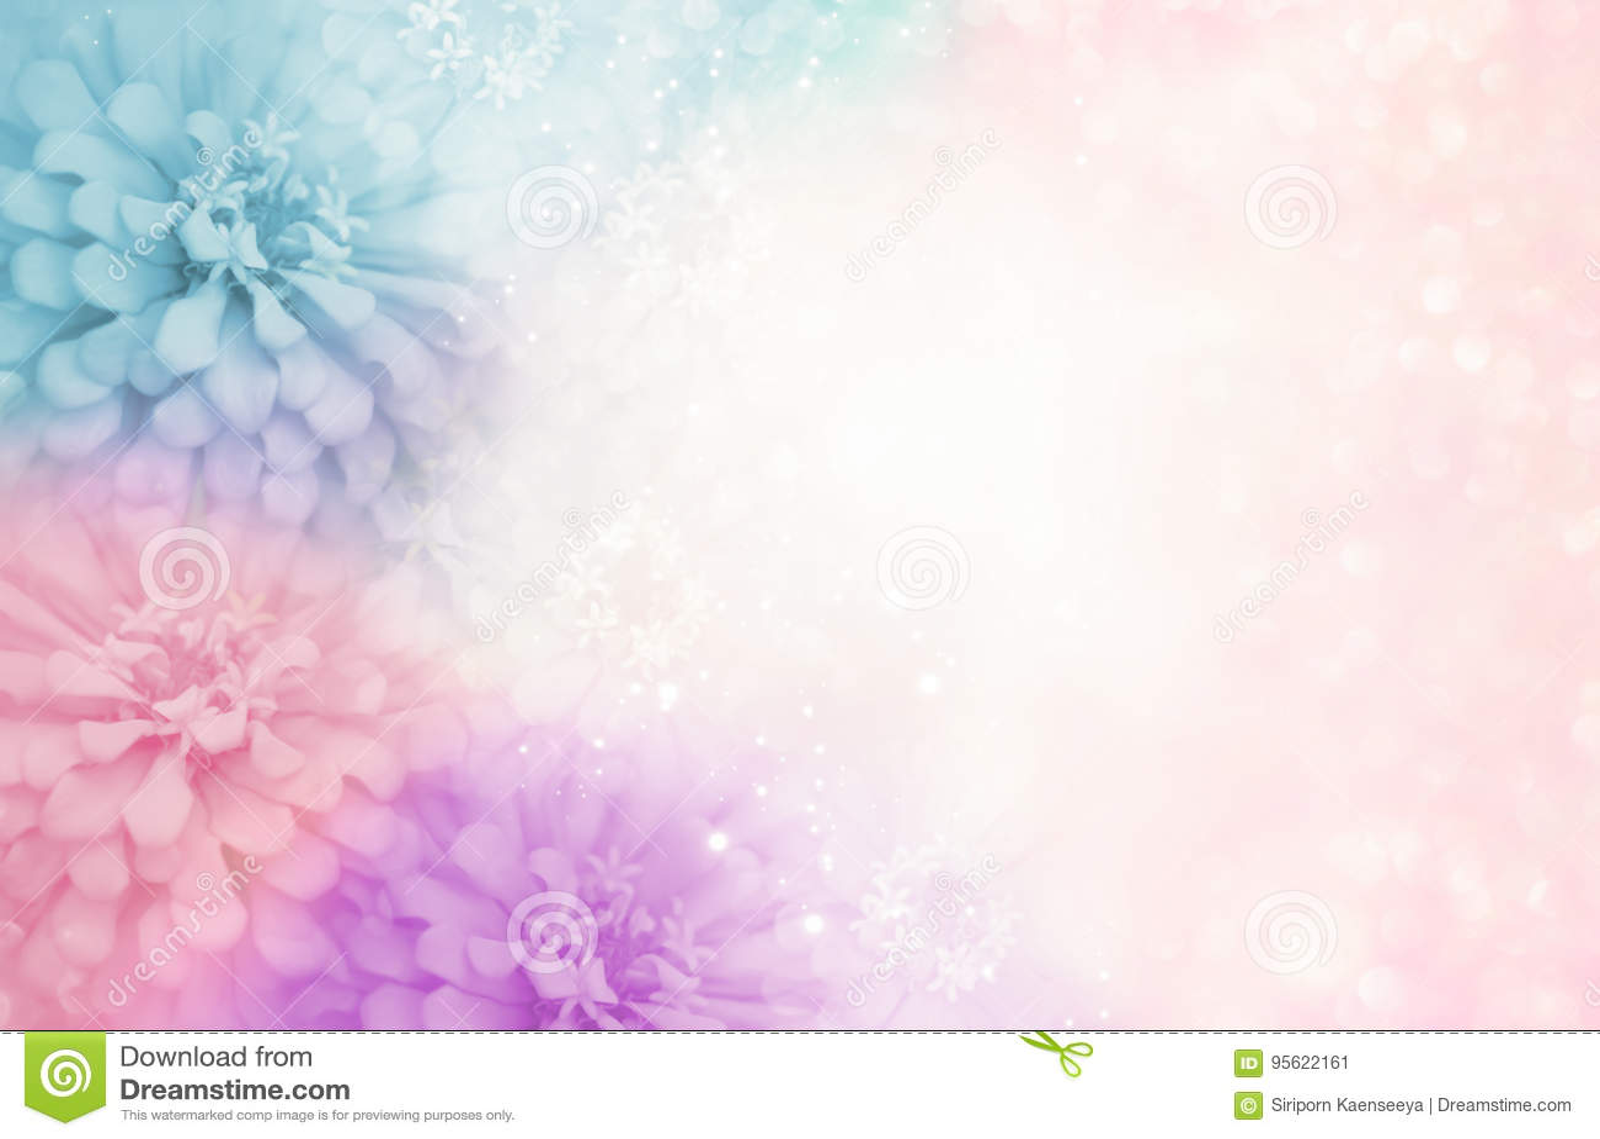 Pastel Pink Purple Blue Flower Frame On Soft Bokeh Vintage